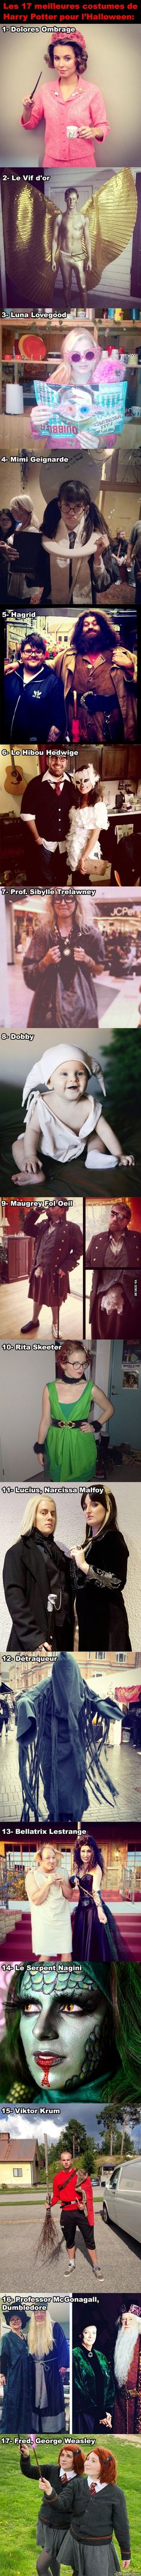 Les 17 meilleurs costumes d'Harry Potter pour l'Halloween